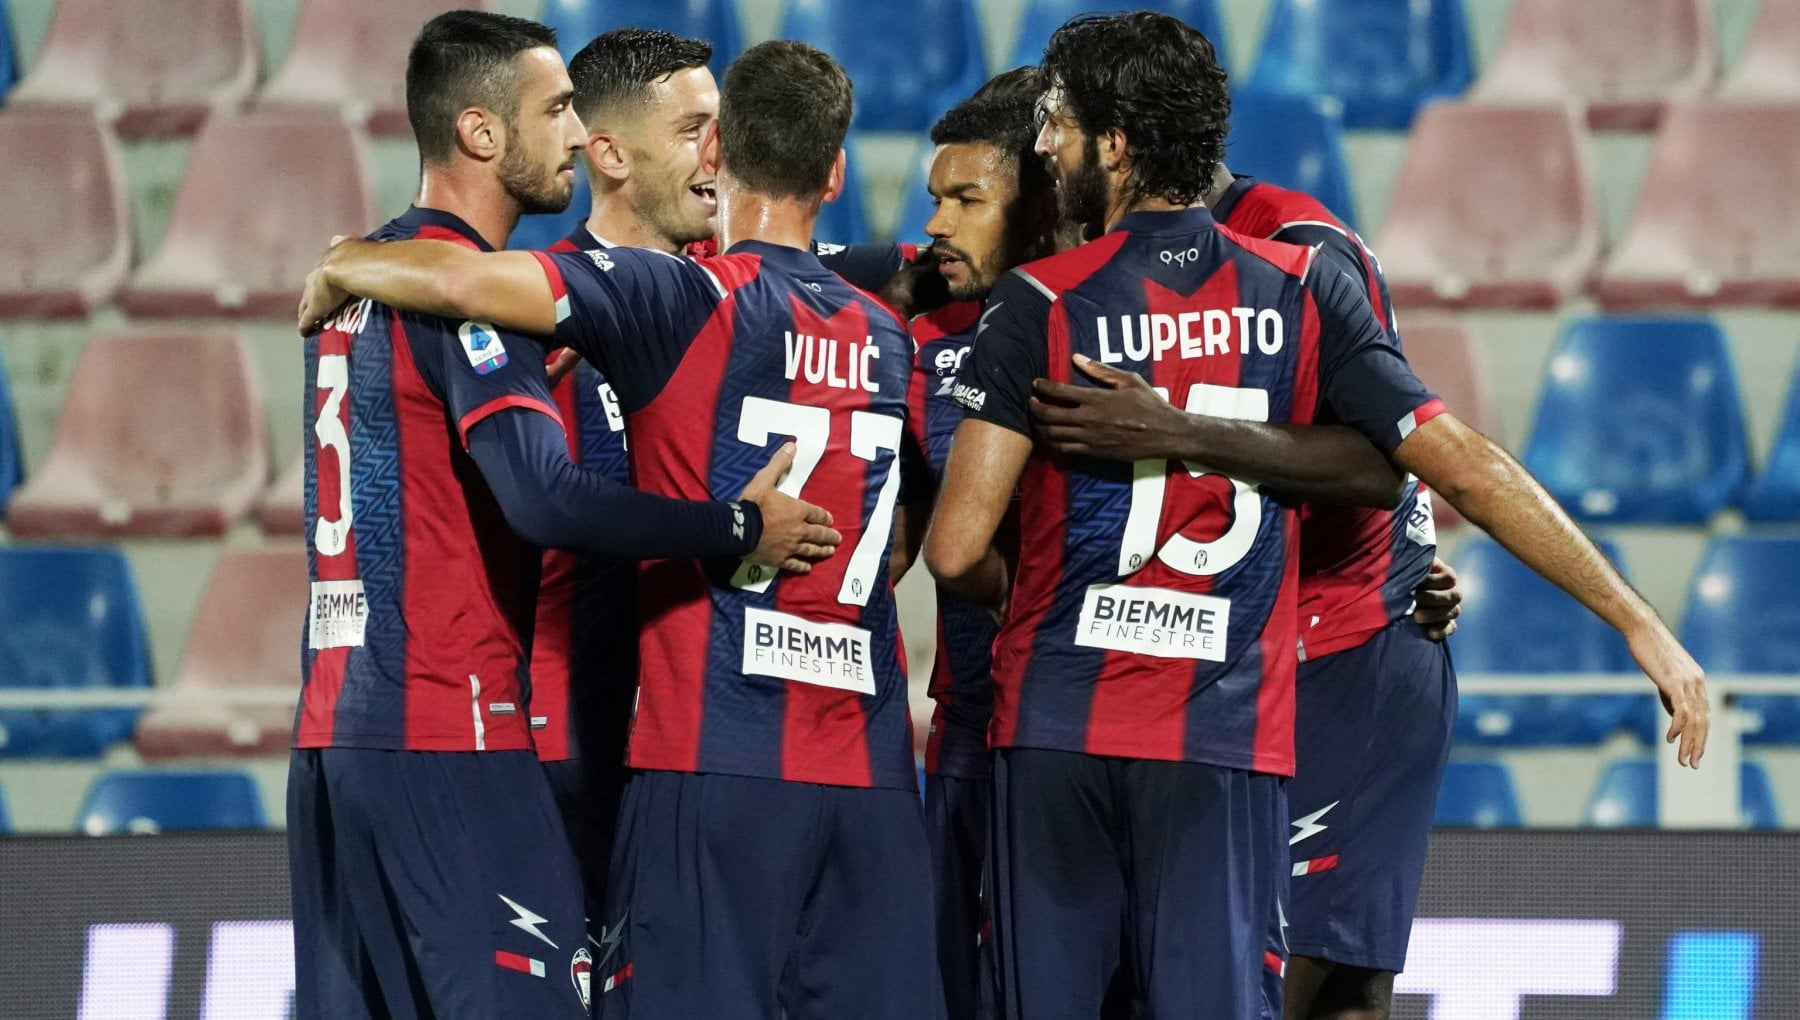 Crotone Spezia 4 1 Messias scatenato prima vittoria per i calabresi